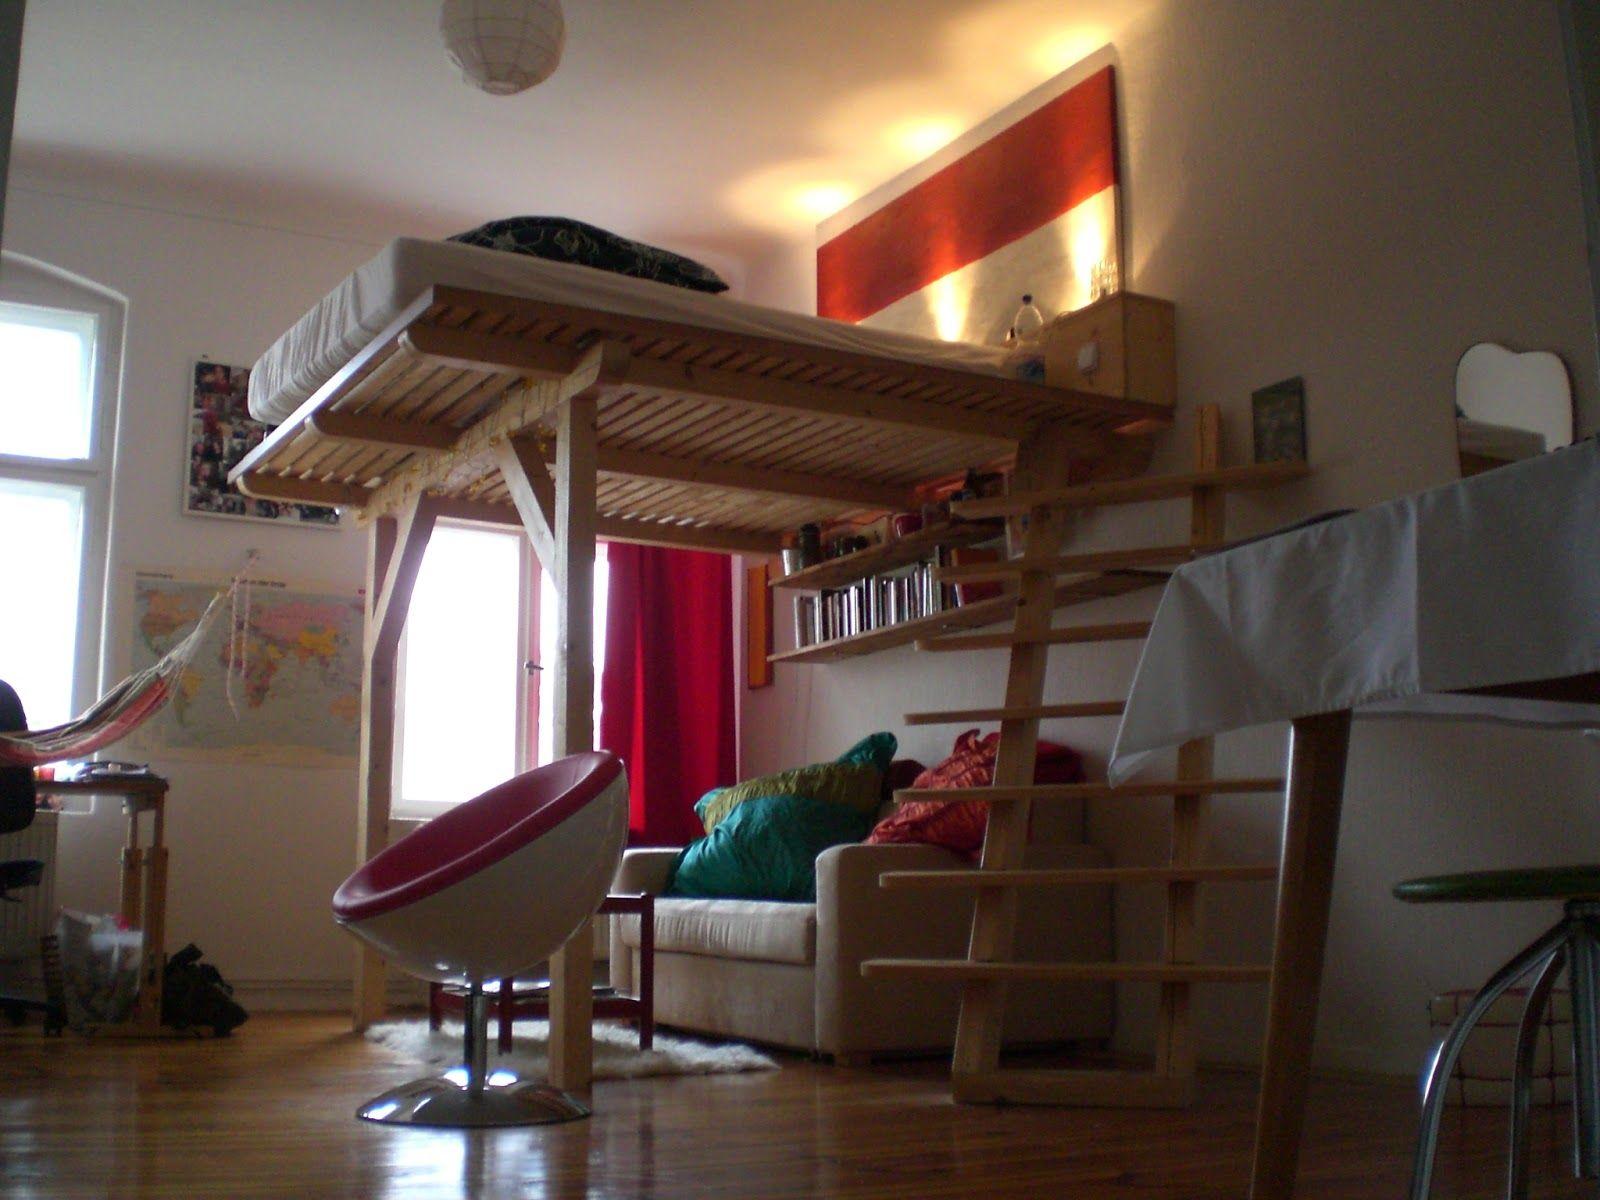 cama-luna: hochbett, hochebene, galerie nach maß | betten ... - Hochbett Im Kinderzimmer Pro Und Contra Das Platzsparende Mobelstuck